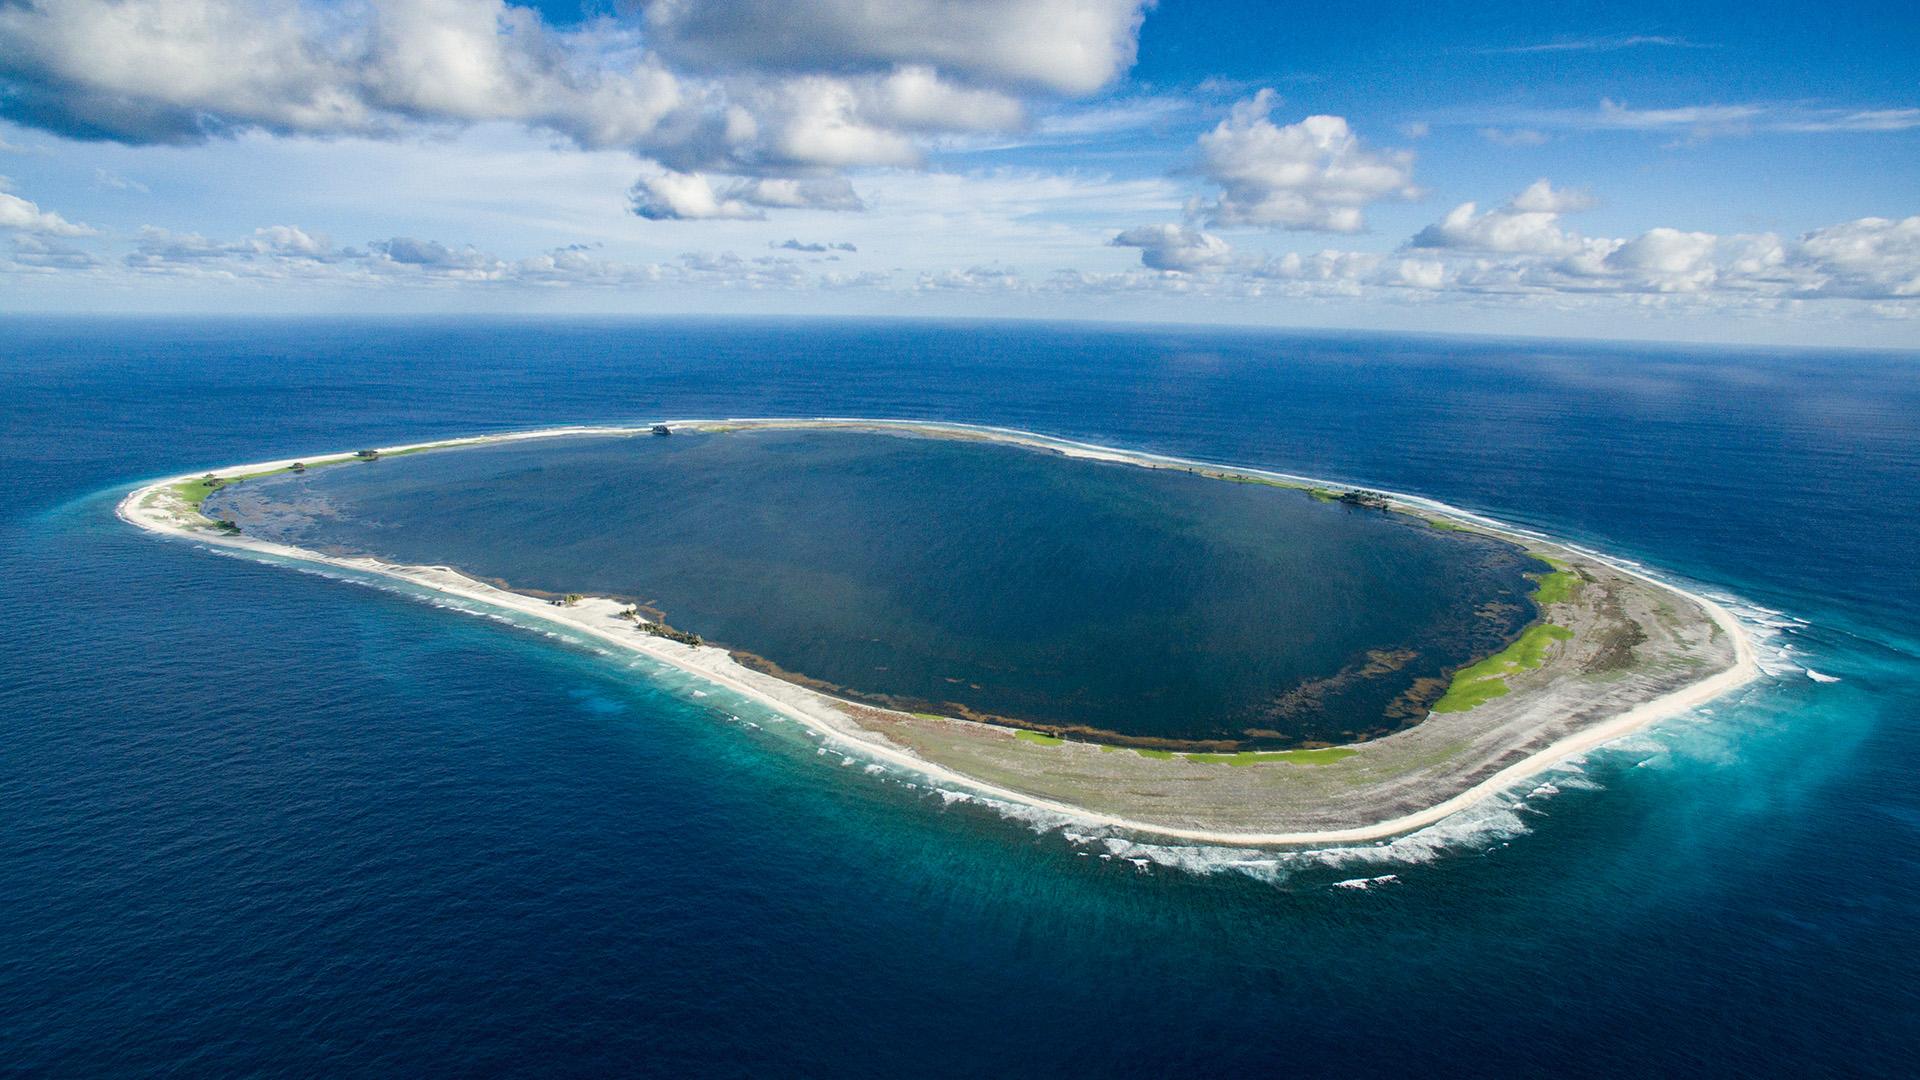 Clipperton Atoll